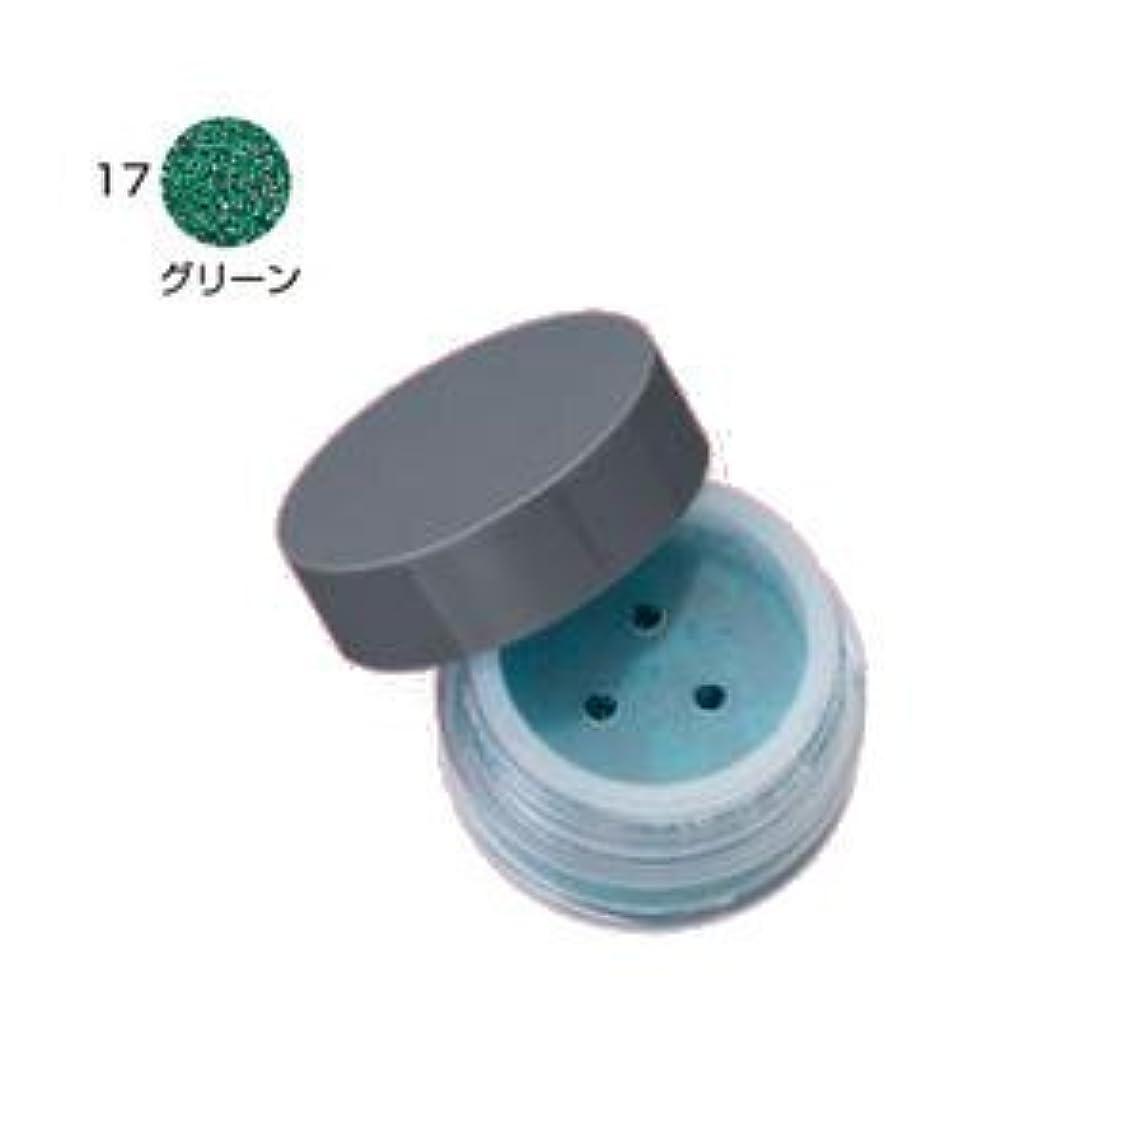 神秘的な闇シェル三善 ミツヨシ カラープリズム 17 グリーン